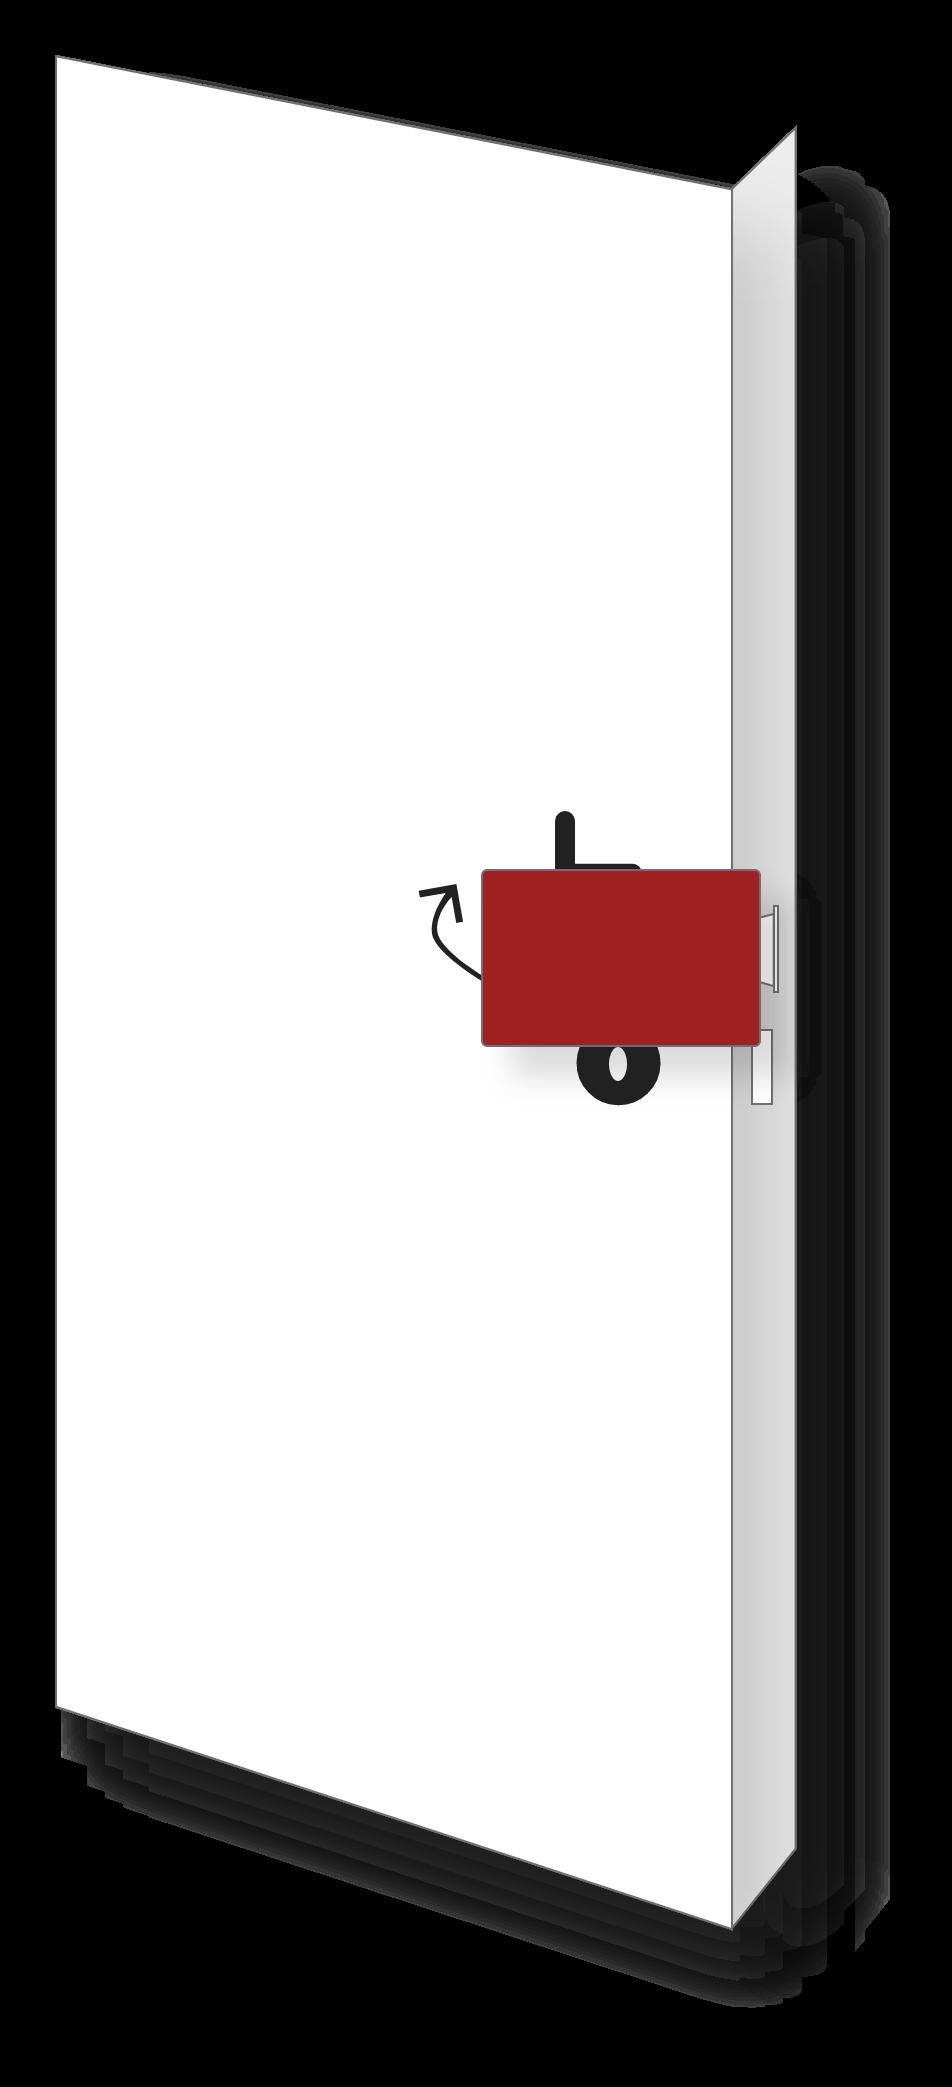 Tür mit Karte öffnen